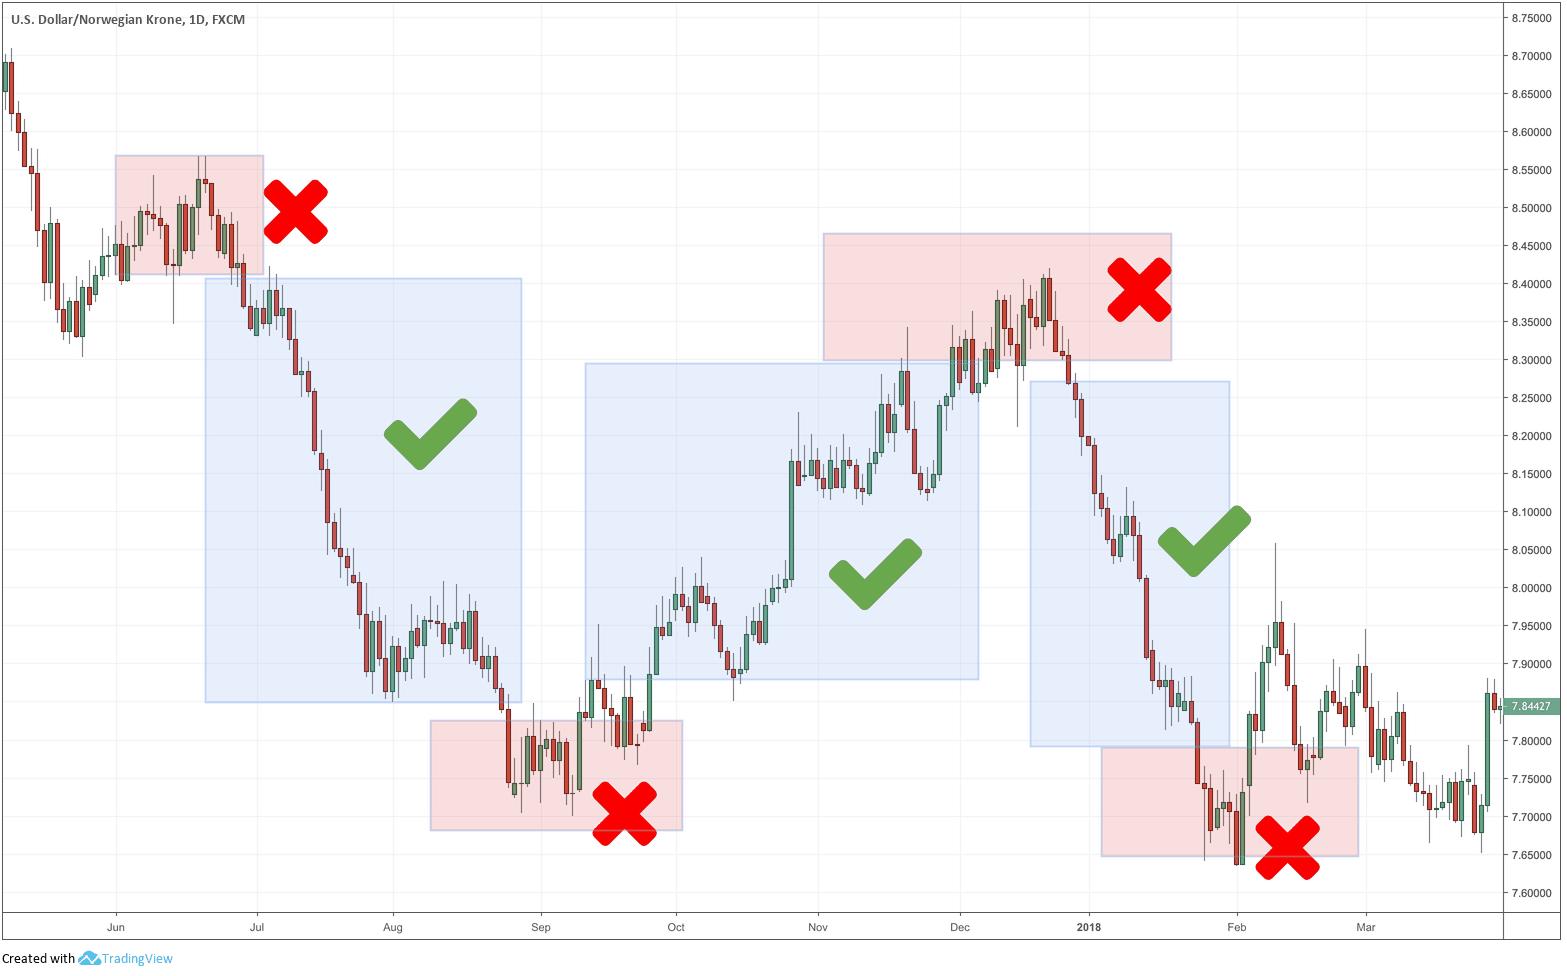 торговые стратегия - следование за трендом